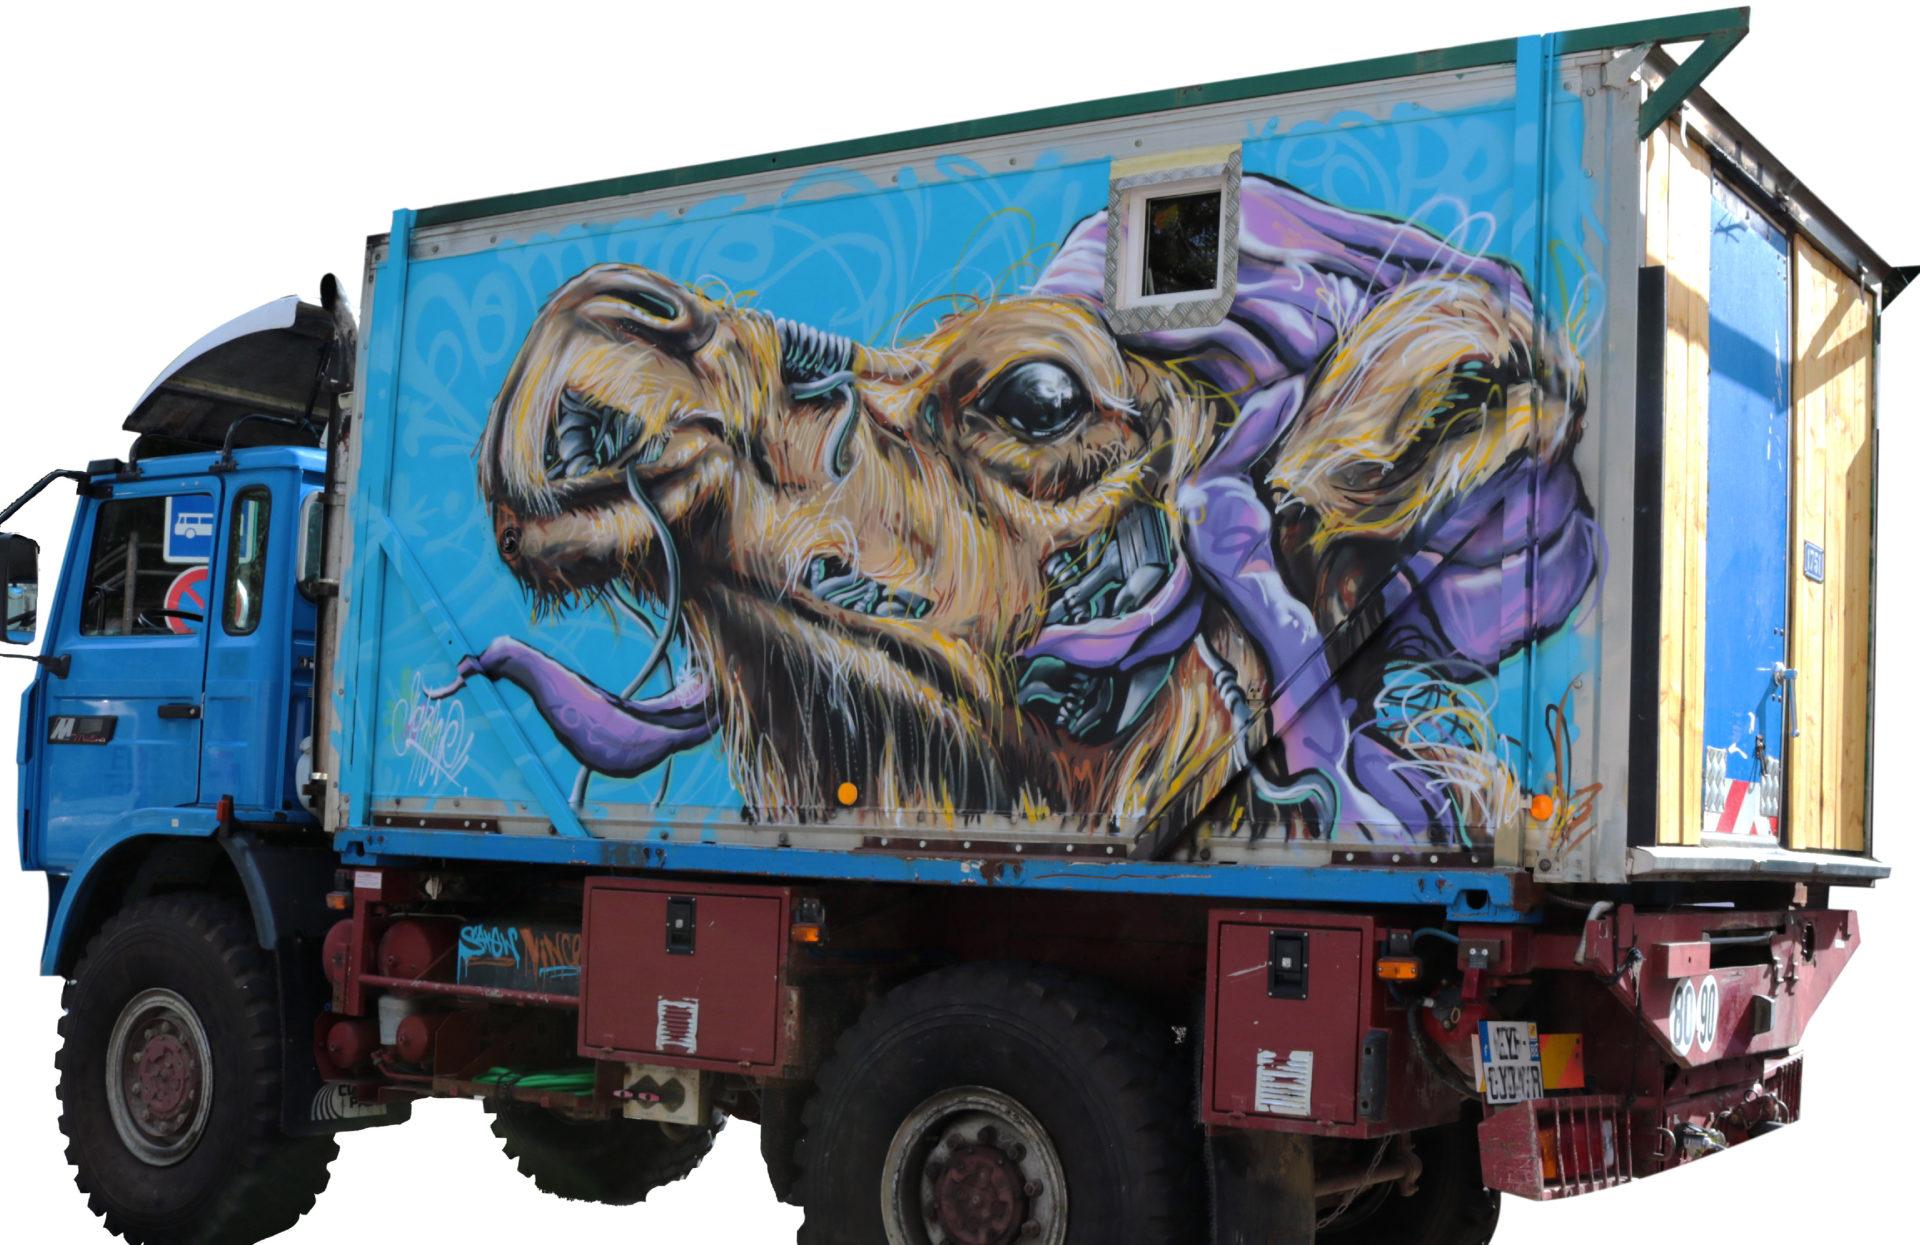 chameau camion peinture graffiti decoration couleurs